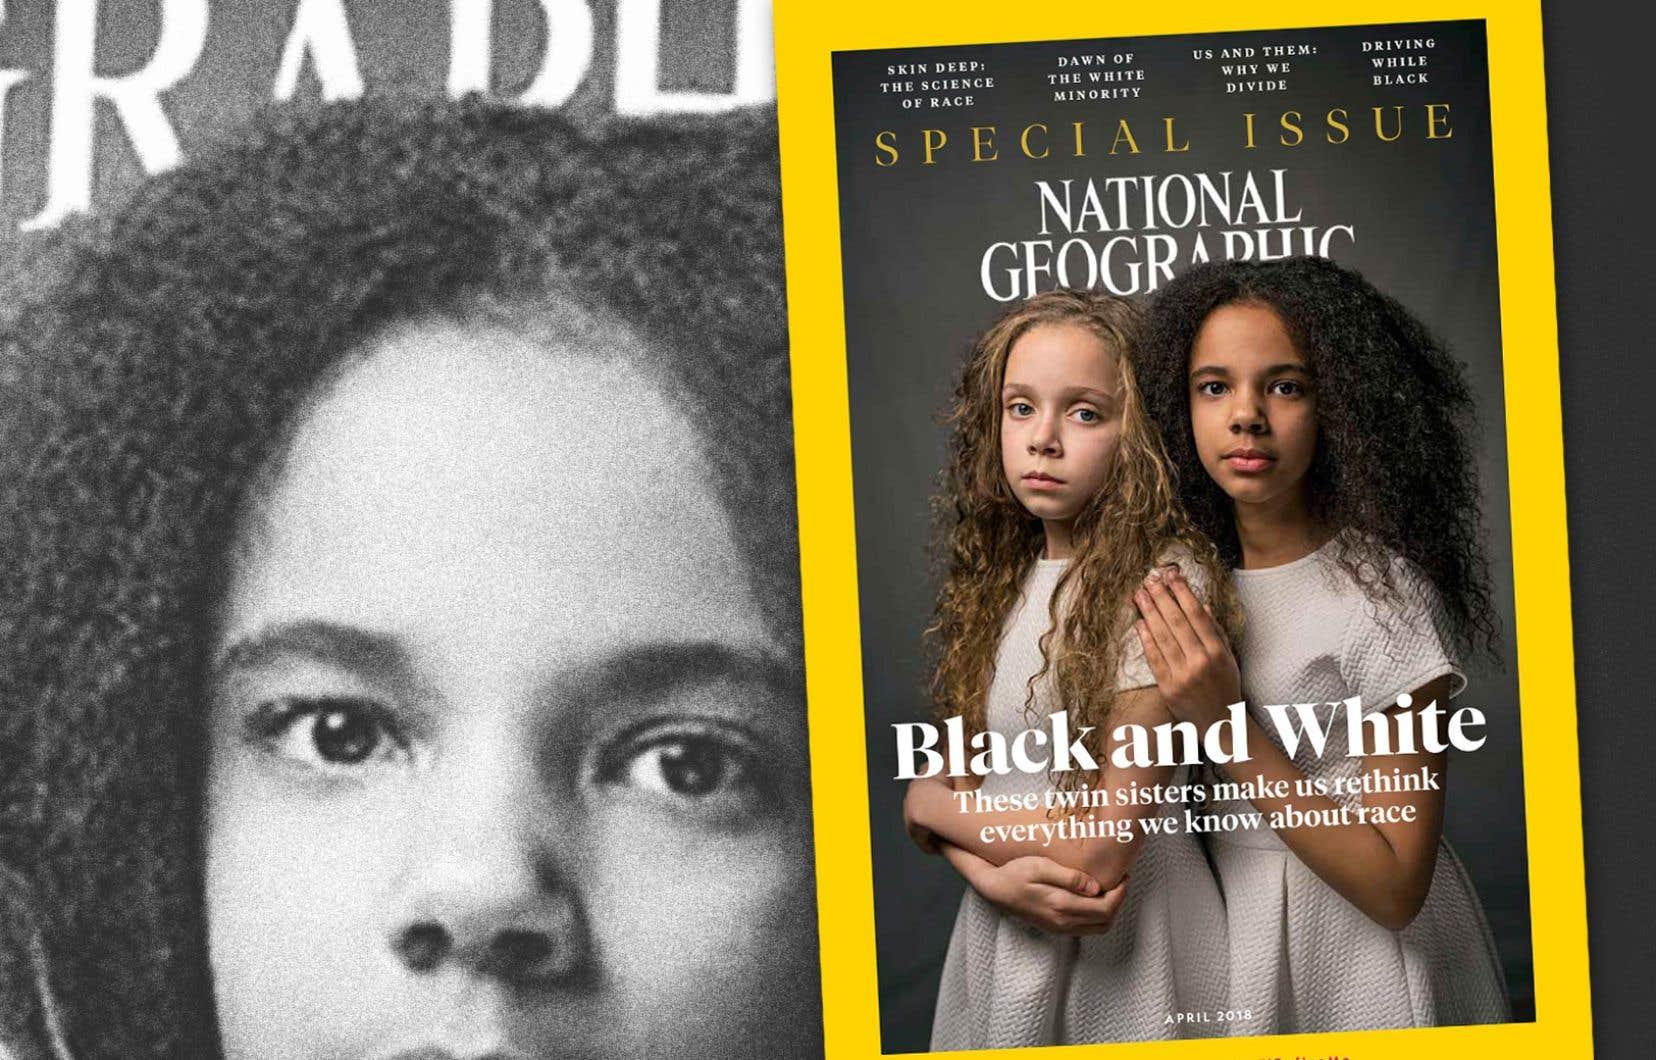 «Pendant des décennies, nos reportages étaient racistes. Il nous faut le reconnaître pour nous élever au-dessus de notre passé», écrit la rédactrice en chef, Susan Goldberg.